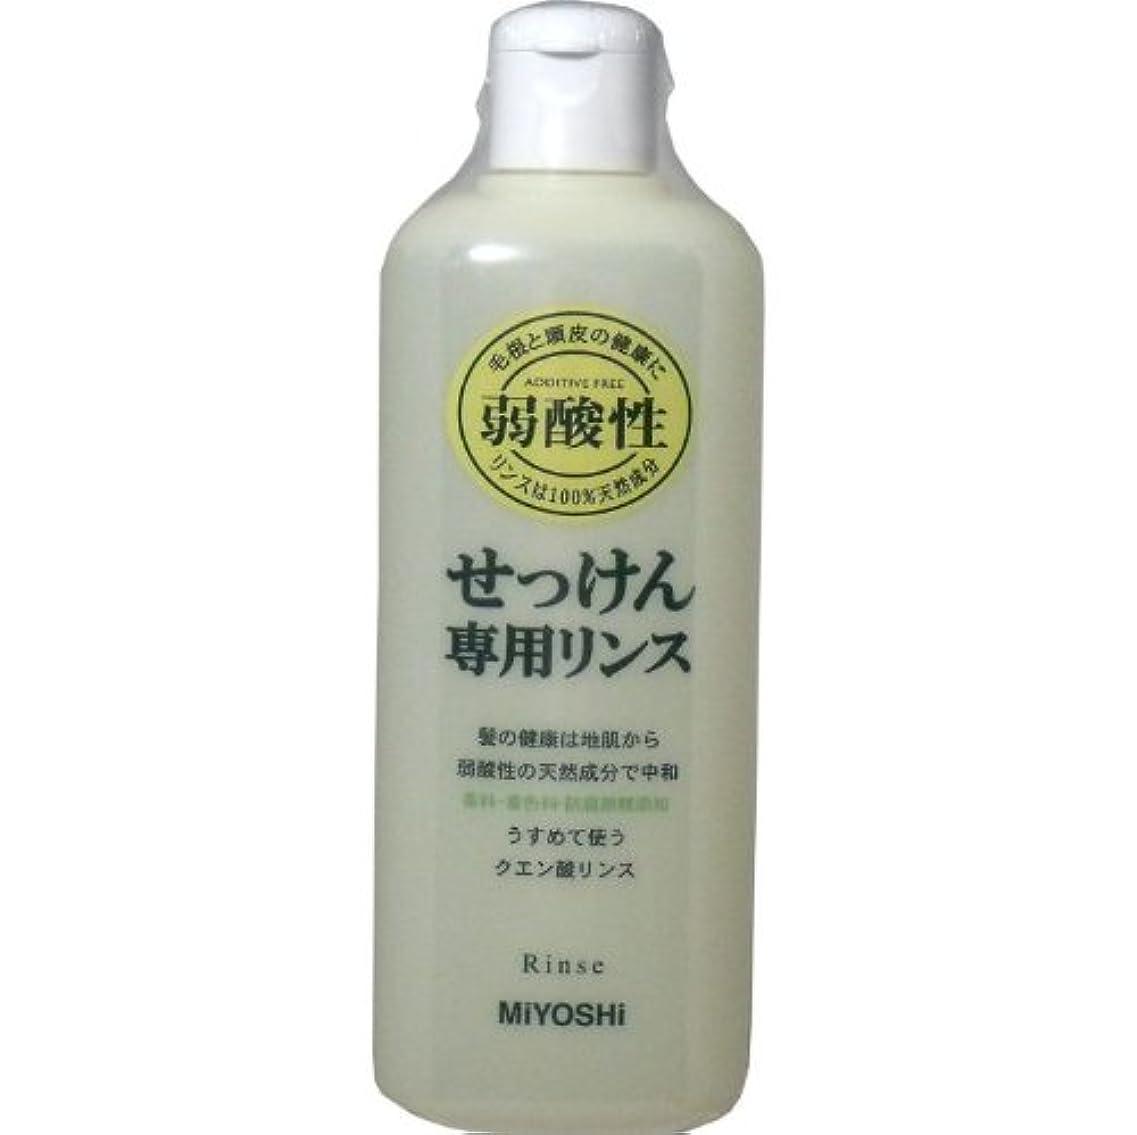 過敏な精神添加剤髪の健康は地肌から、弱酸性の天然成分で中和!!香料、防腐剤、着色料無添加!うすめて使うクエン酸リンス!リンス 350mL【3個セット】